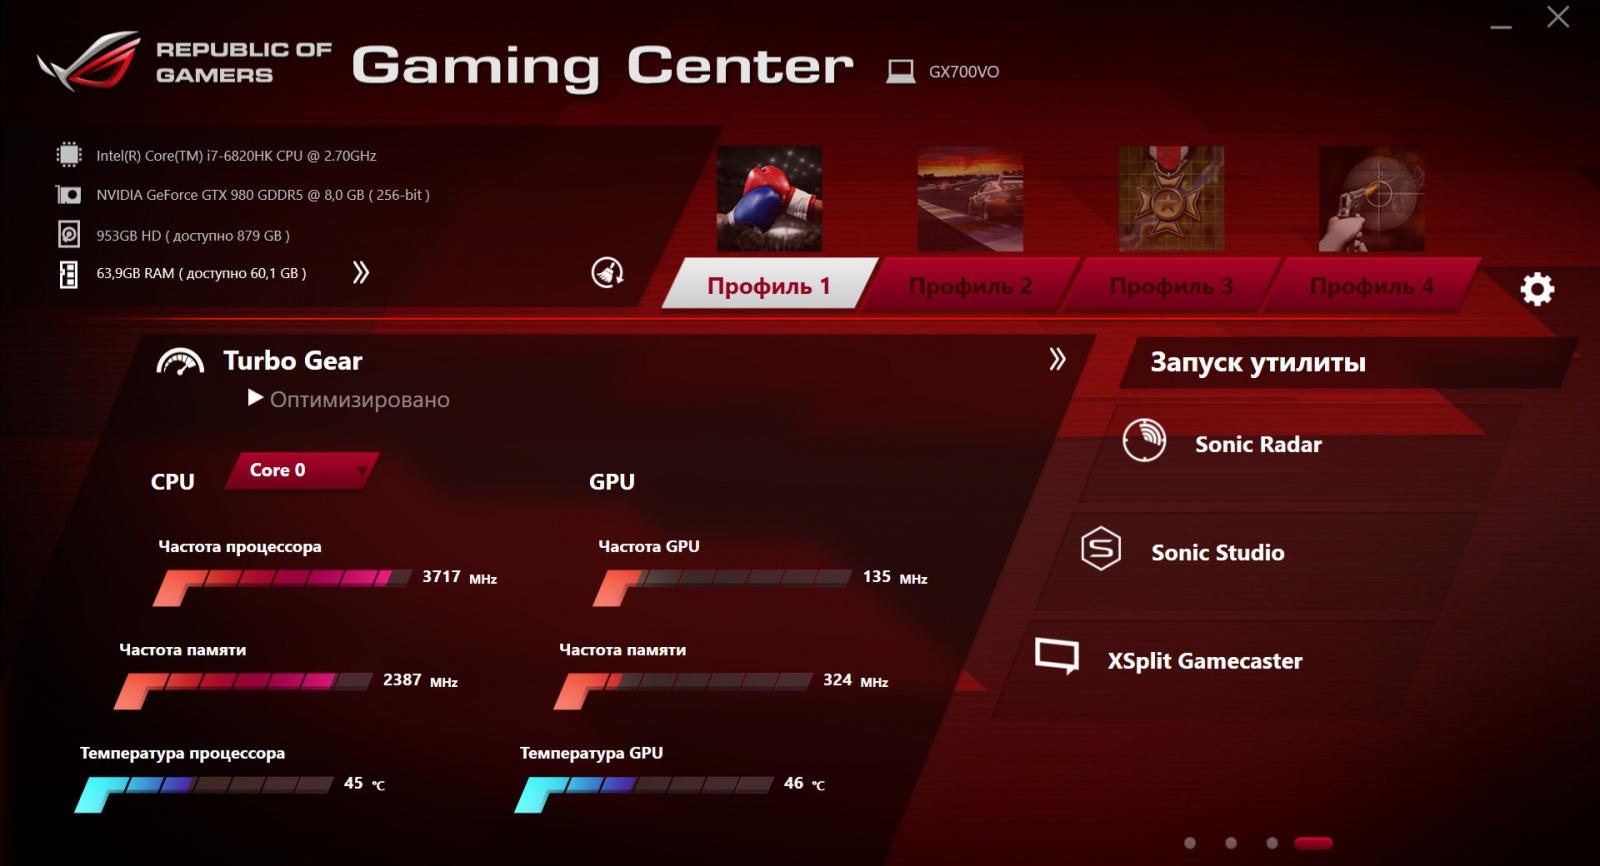 Обзор игровой системы GX700VO - 59